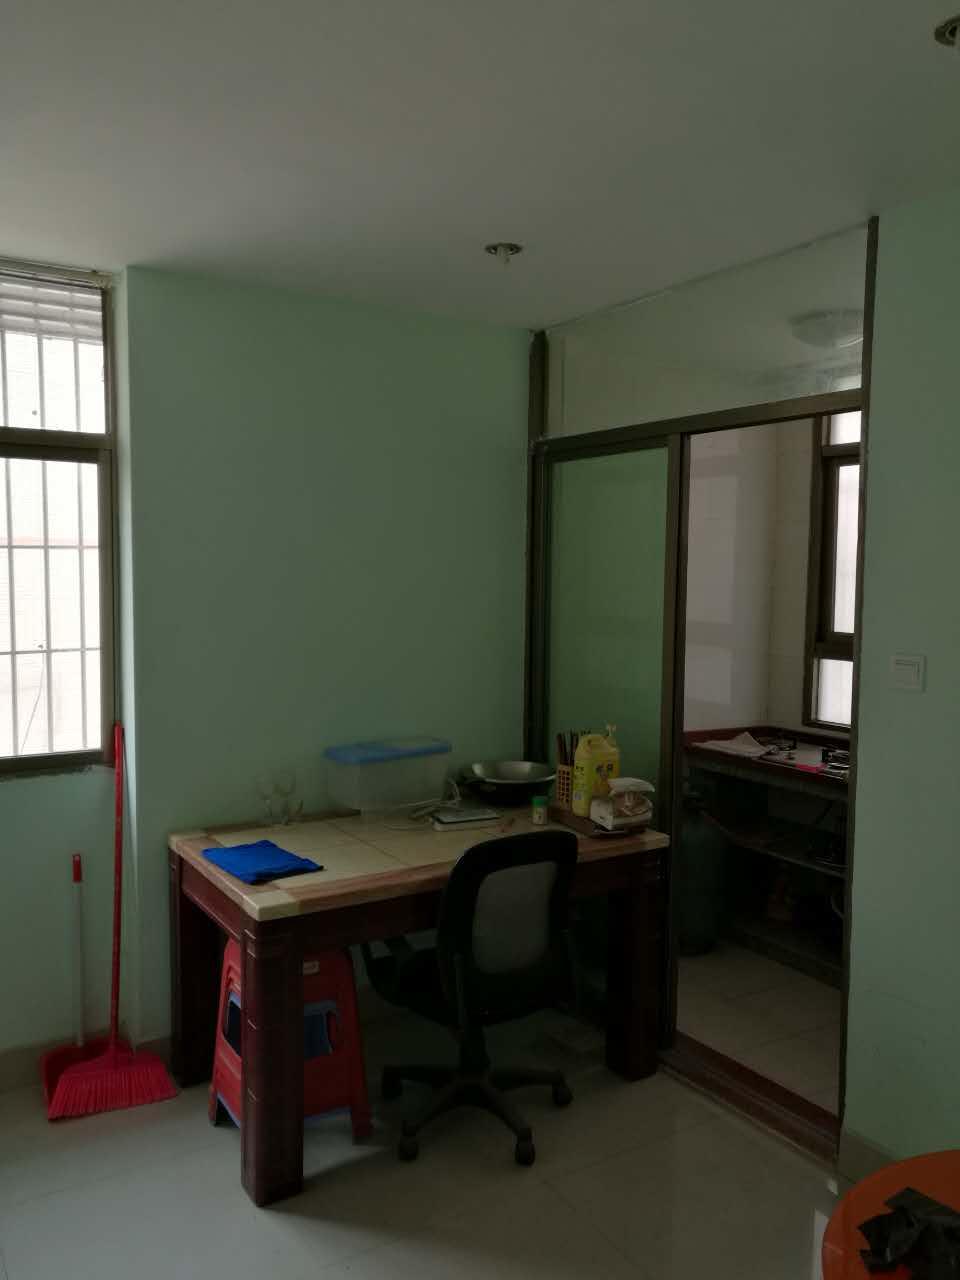 深圳小产权房单身公寓出售,公明上村全新装修 房地产 公寓 不动产 一房一厅 第11张